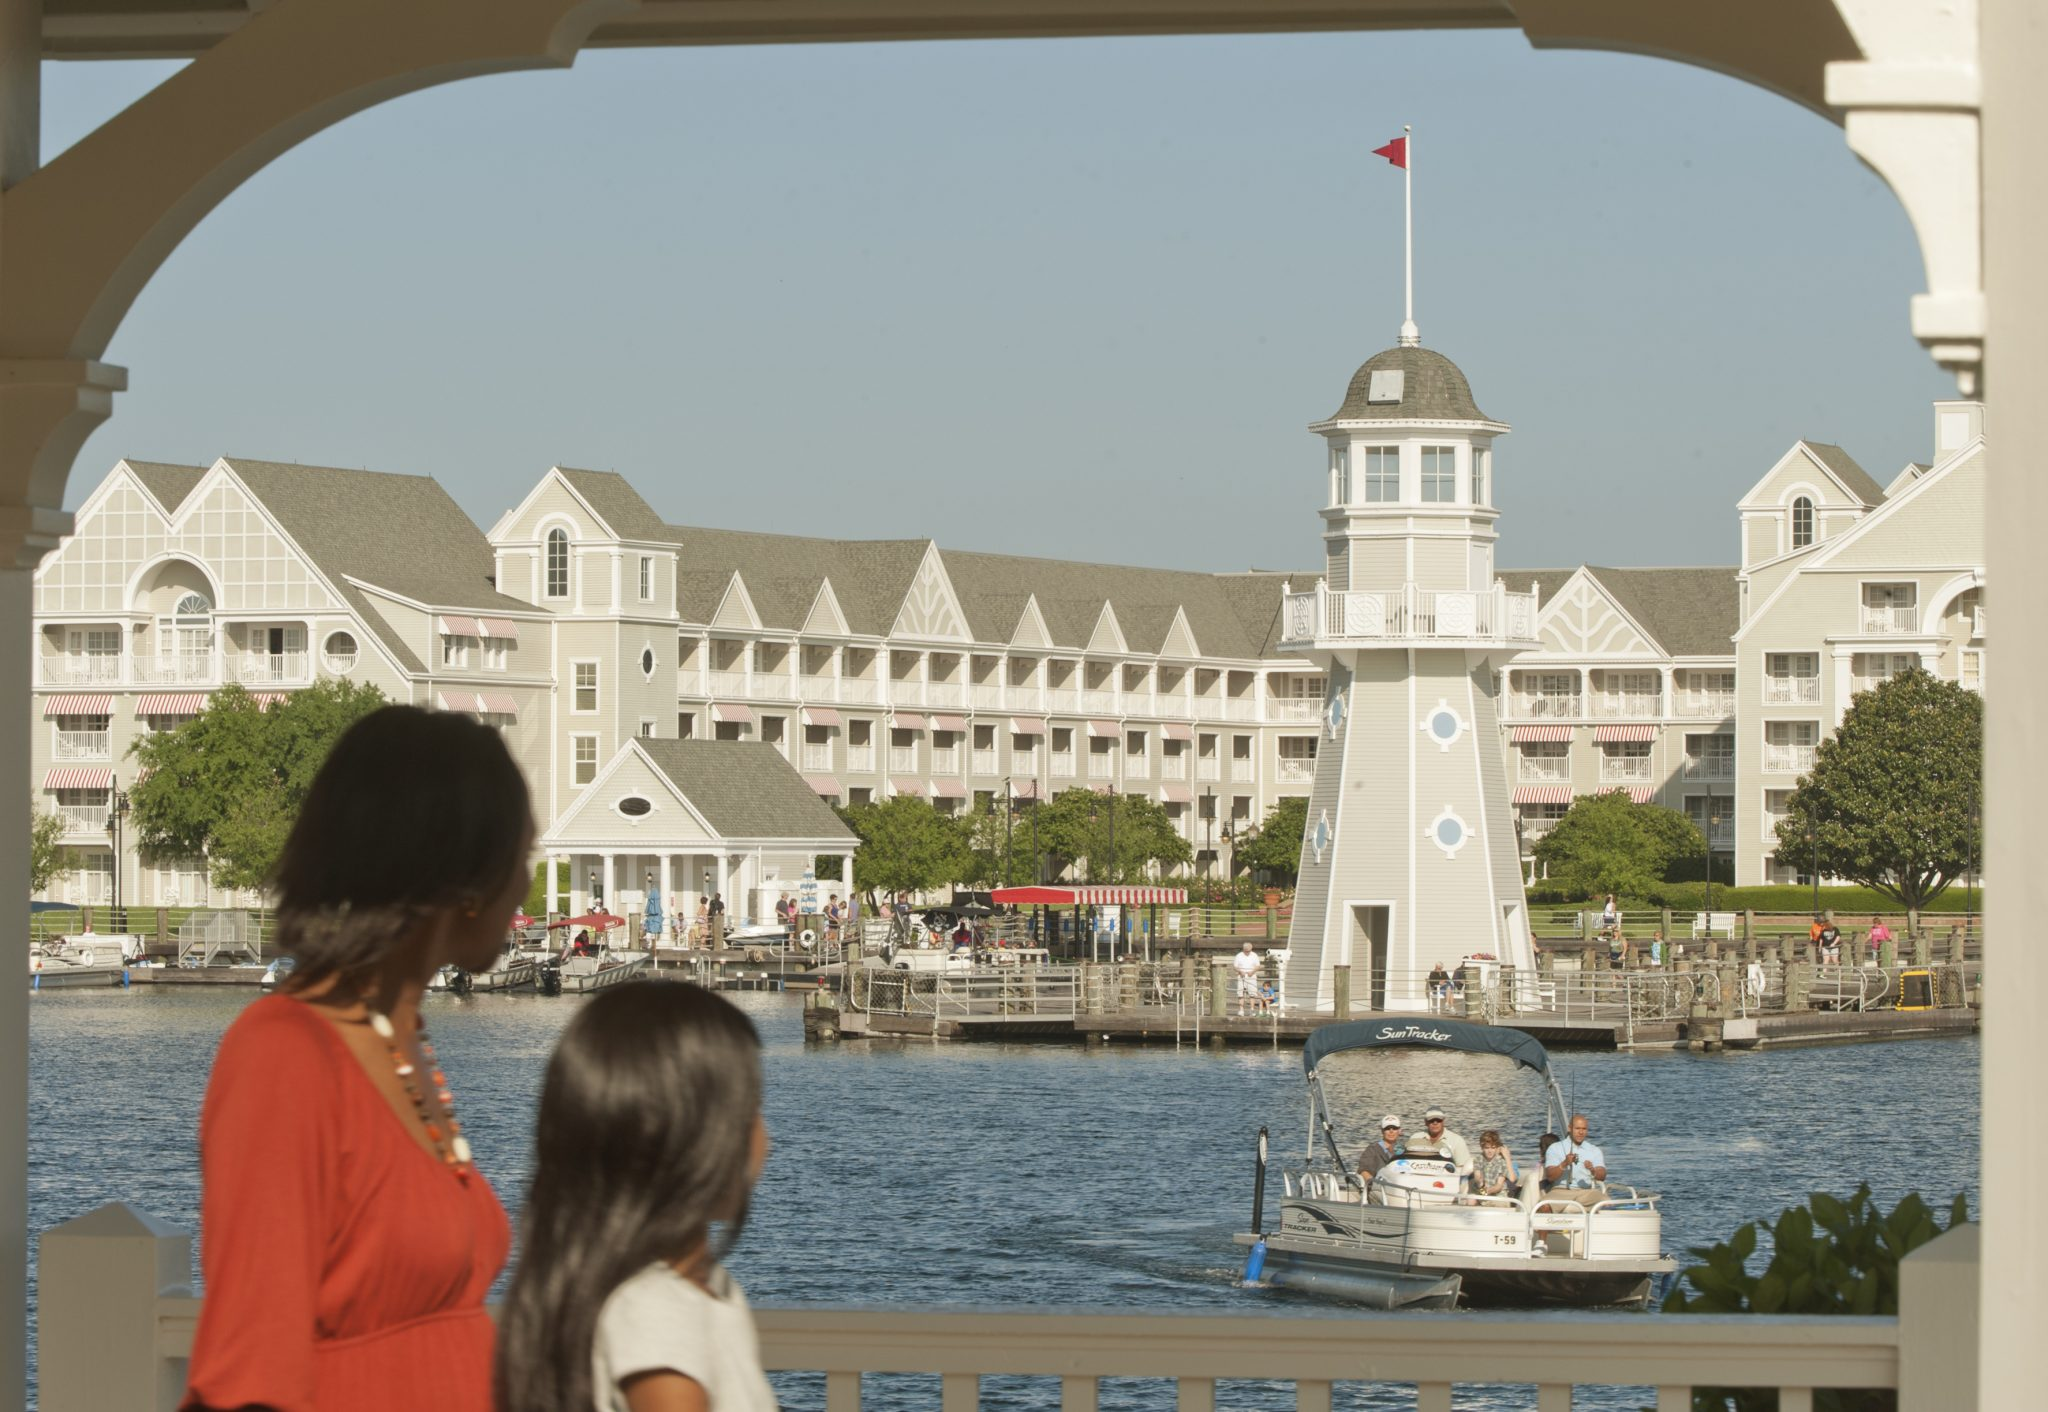 ResortLoop.com Episode 9 – EPCOT Deluxe Resorts